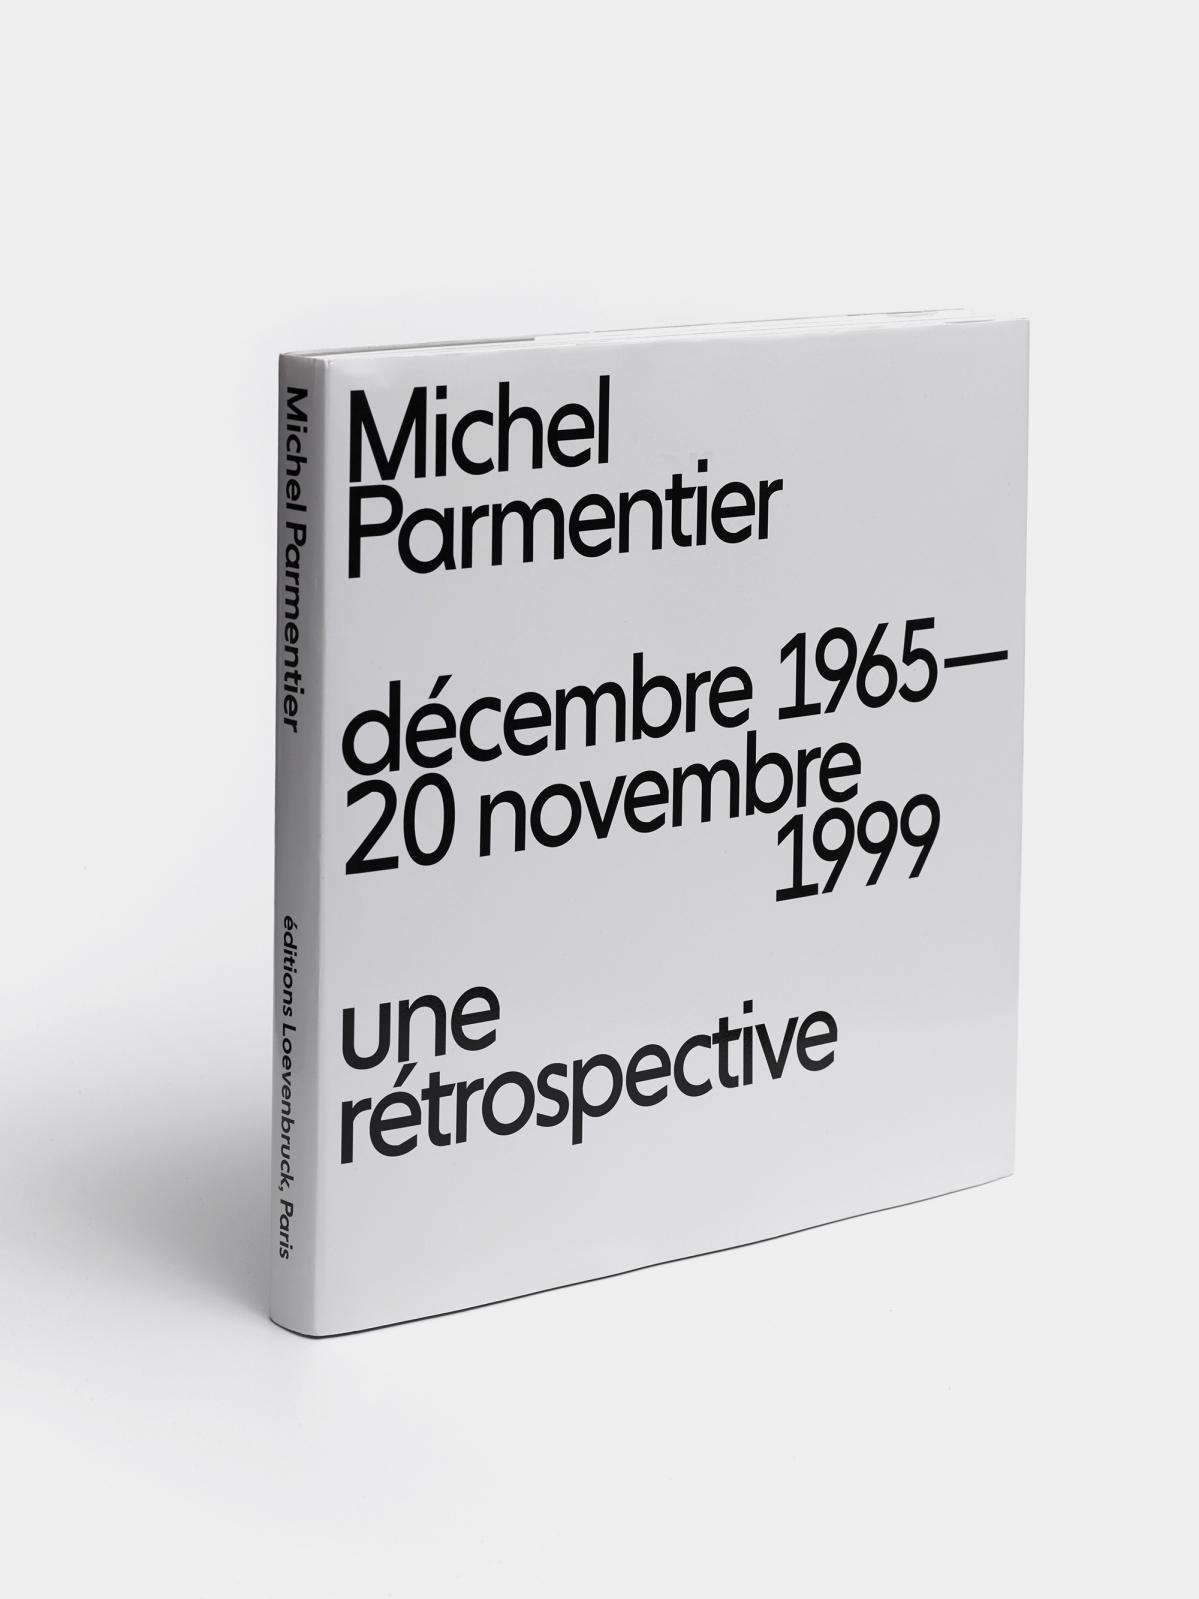 Michel Parmentier. Décembre 1965 — 20 novembre 1999. Une rétrospective